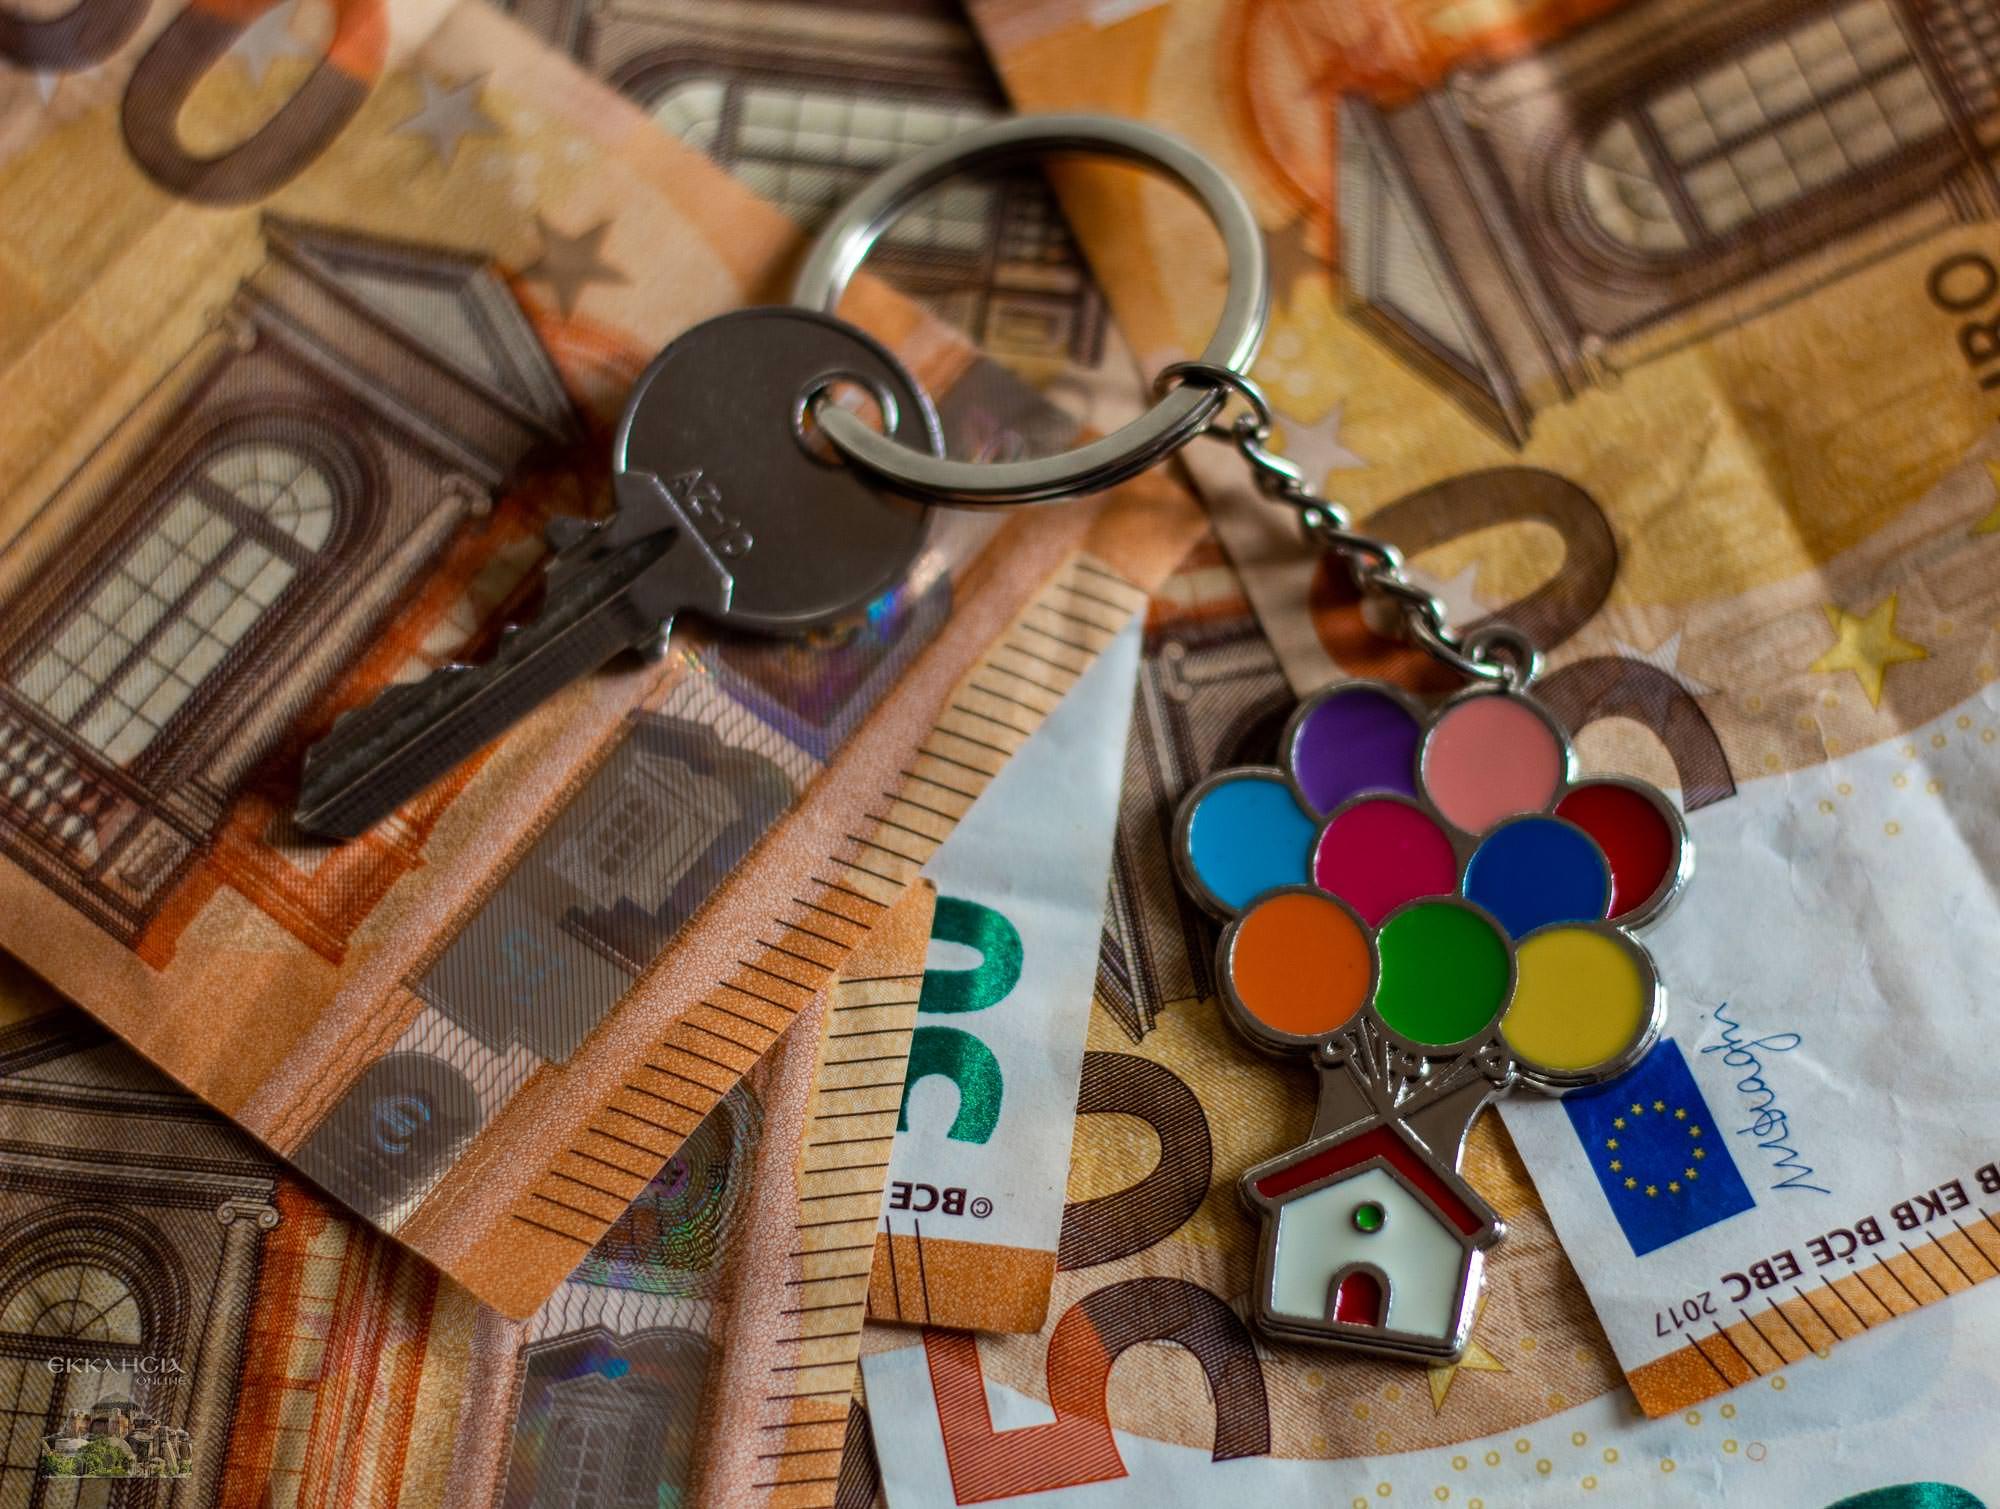 επιδόματα πληρωμές κοροναιος σπίτι